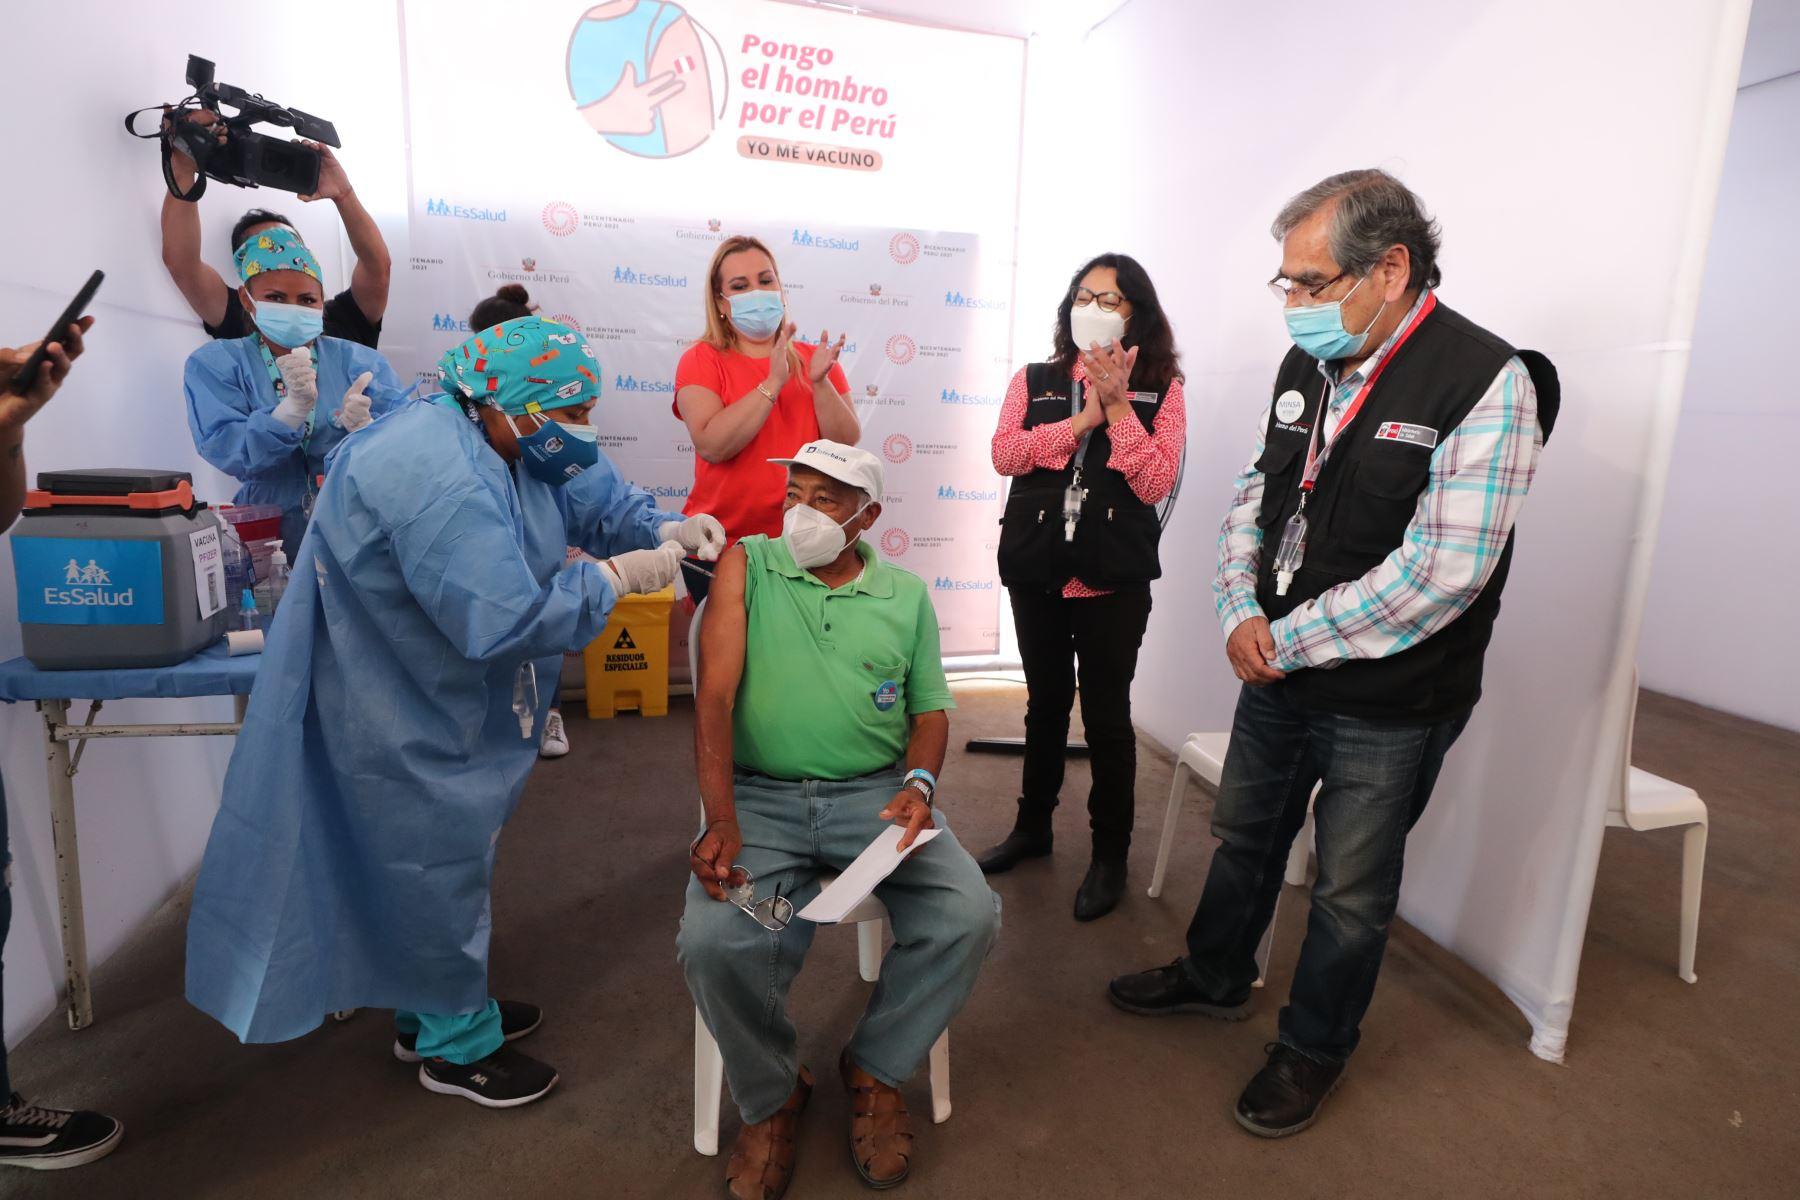 La presidenta del Consejo de Ministros, Violeta Bermúdez  y el ministro  de  Salud supervisan el proceso de inmunización de adultos mayores de 80 años en el Campo de Marte, como parte de la nueva estrategia de vacunación con enfoque territorial.  Foto: PCM